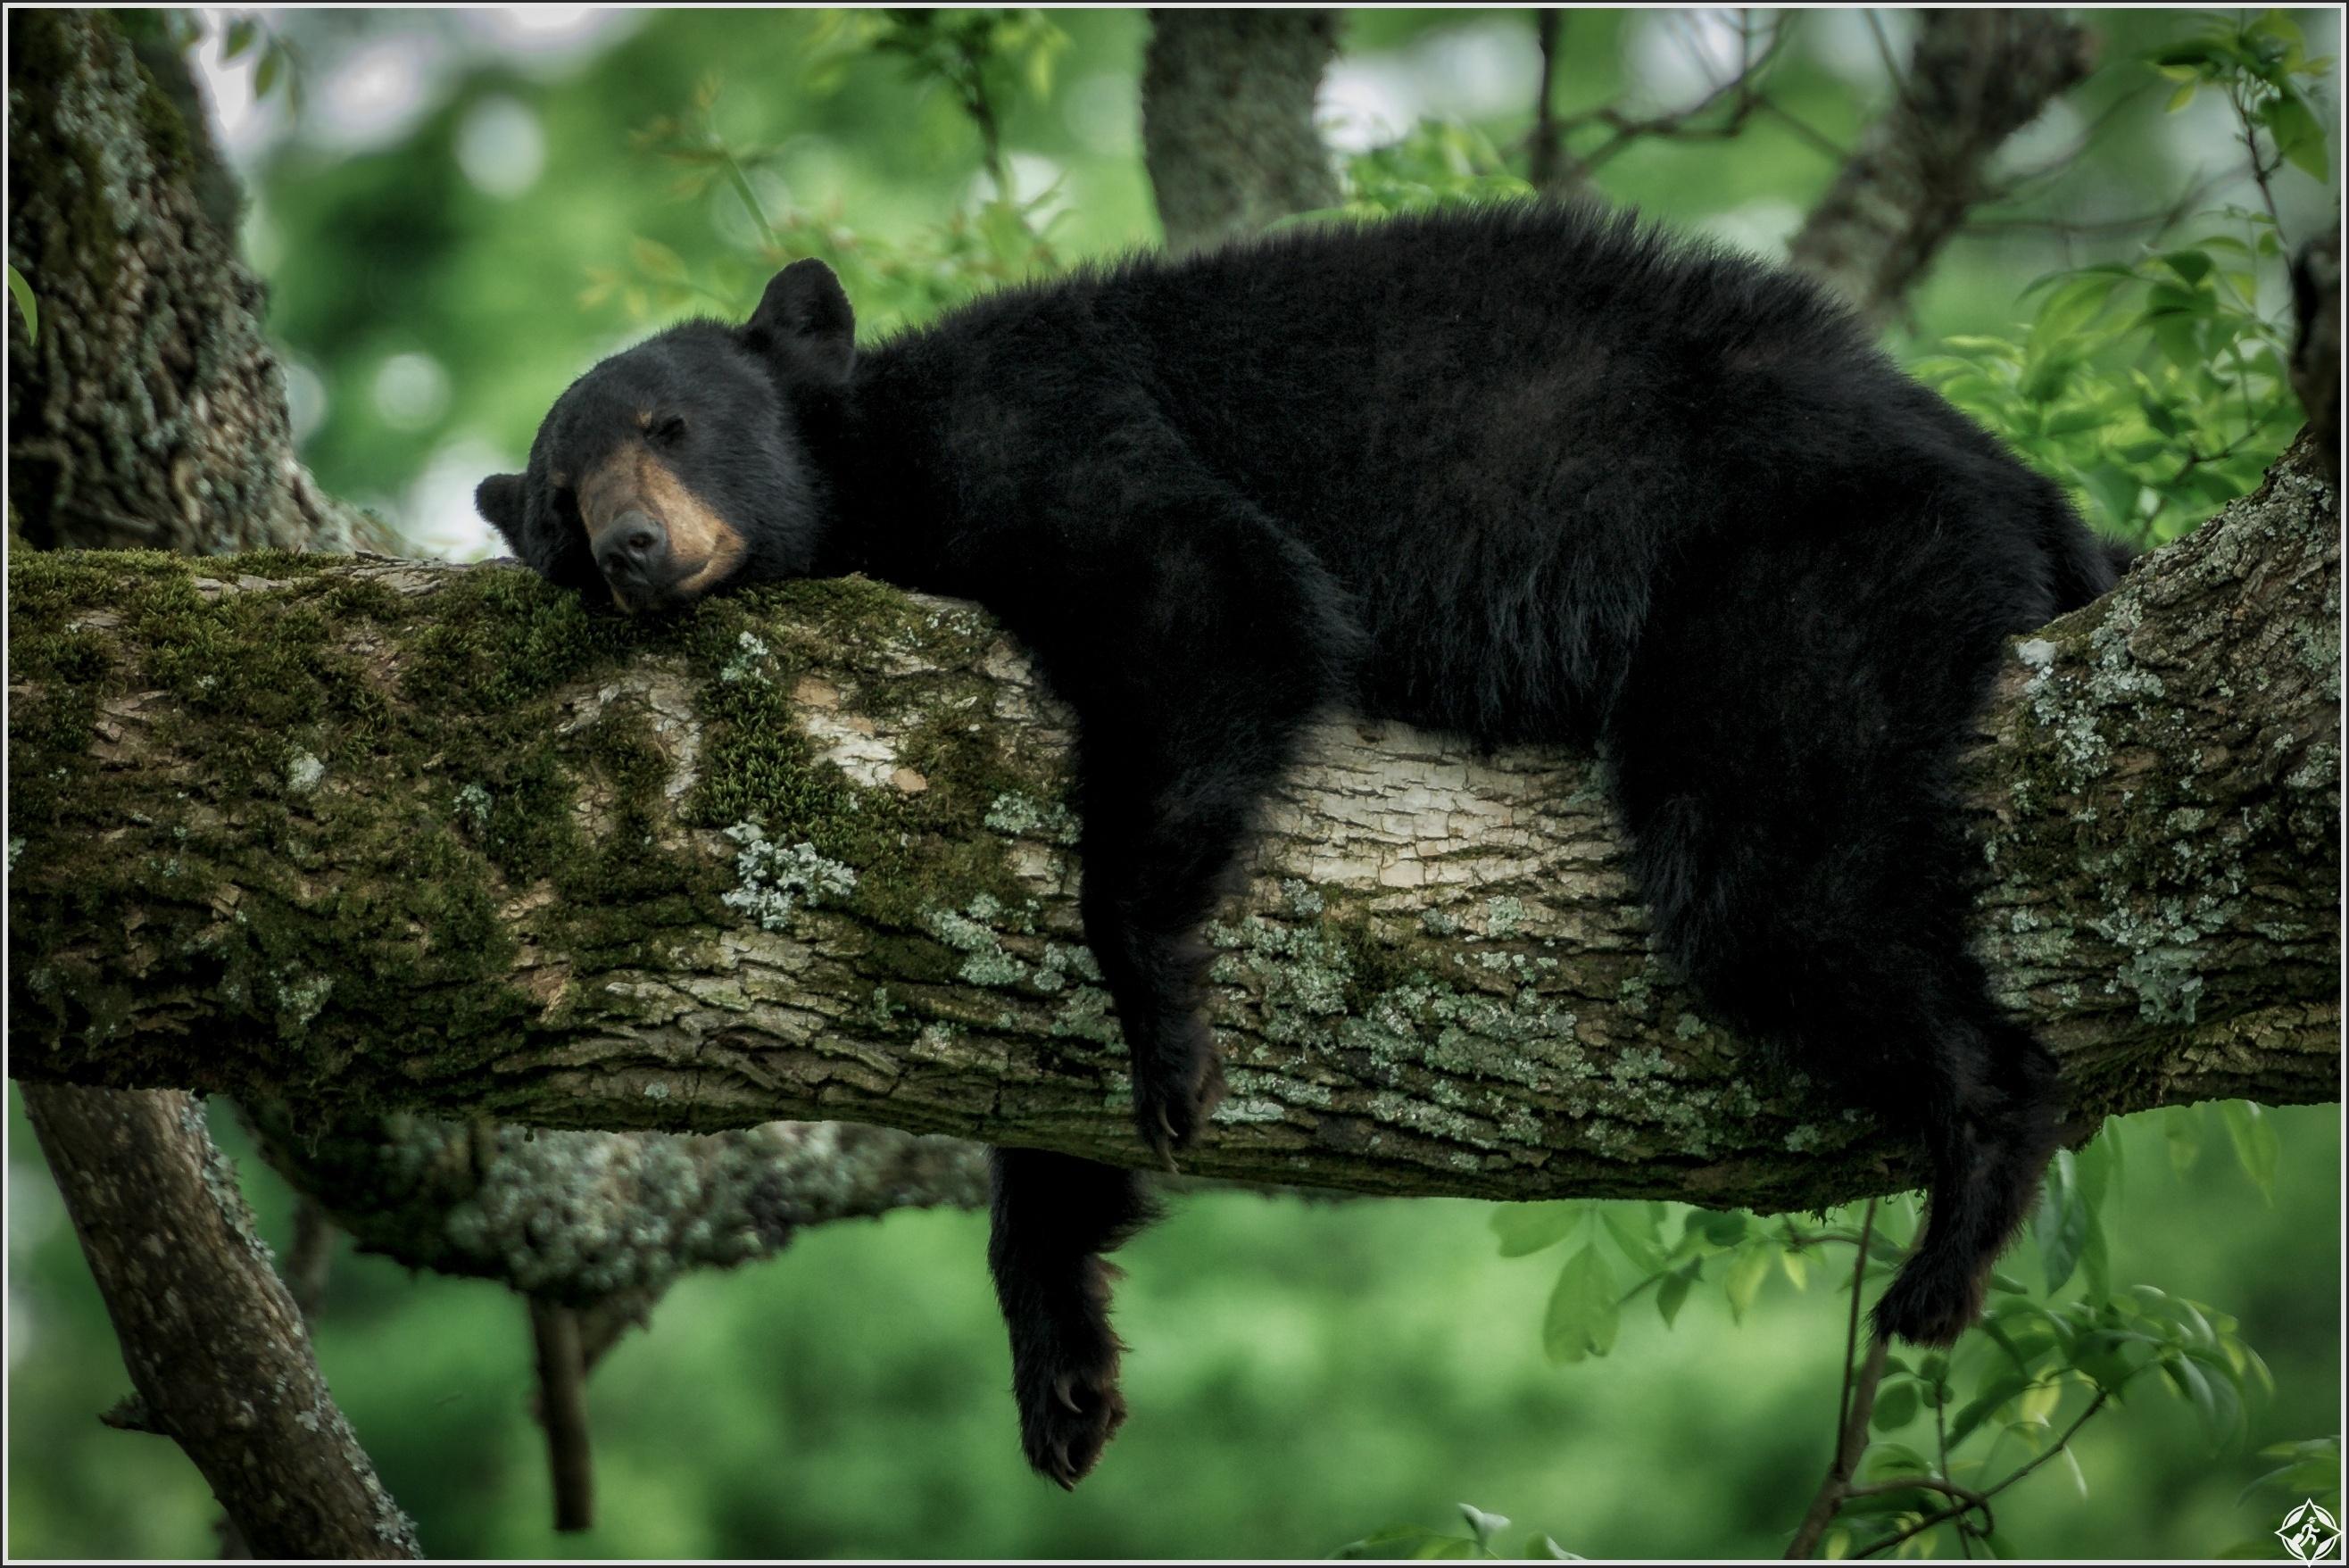 المحميات الطبيعية Sleeping Bear, Great Smoky Mountains National Par